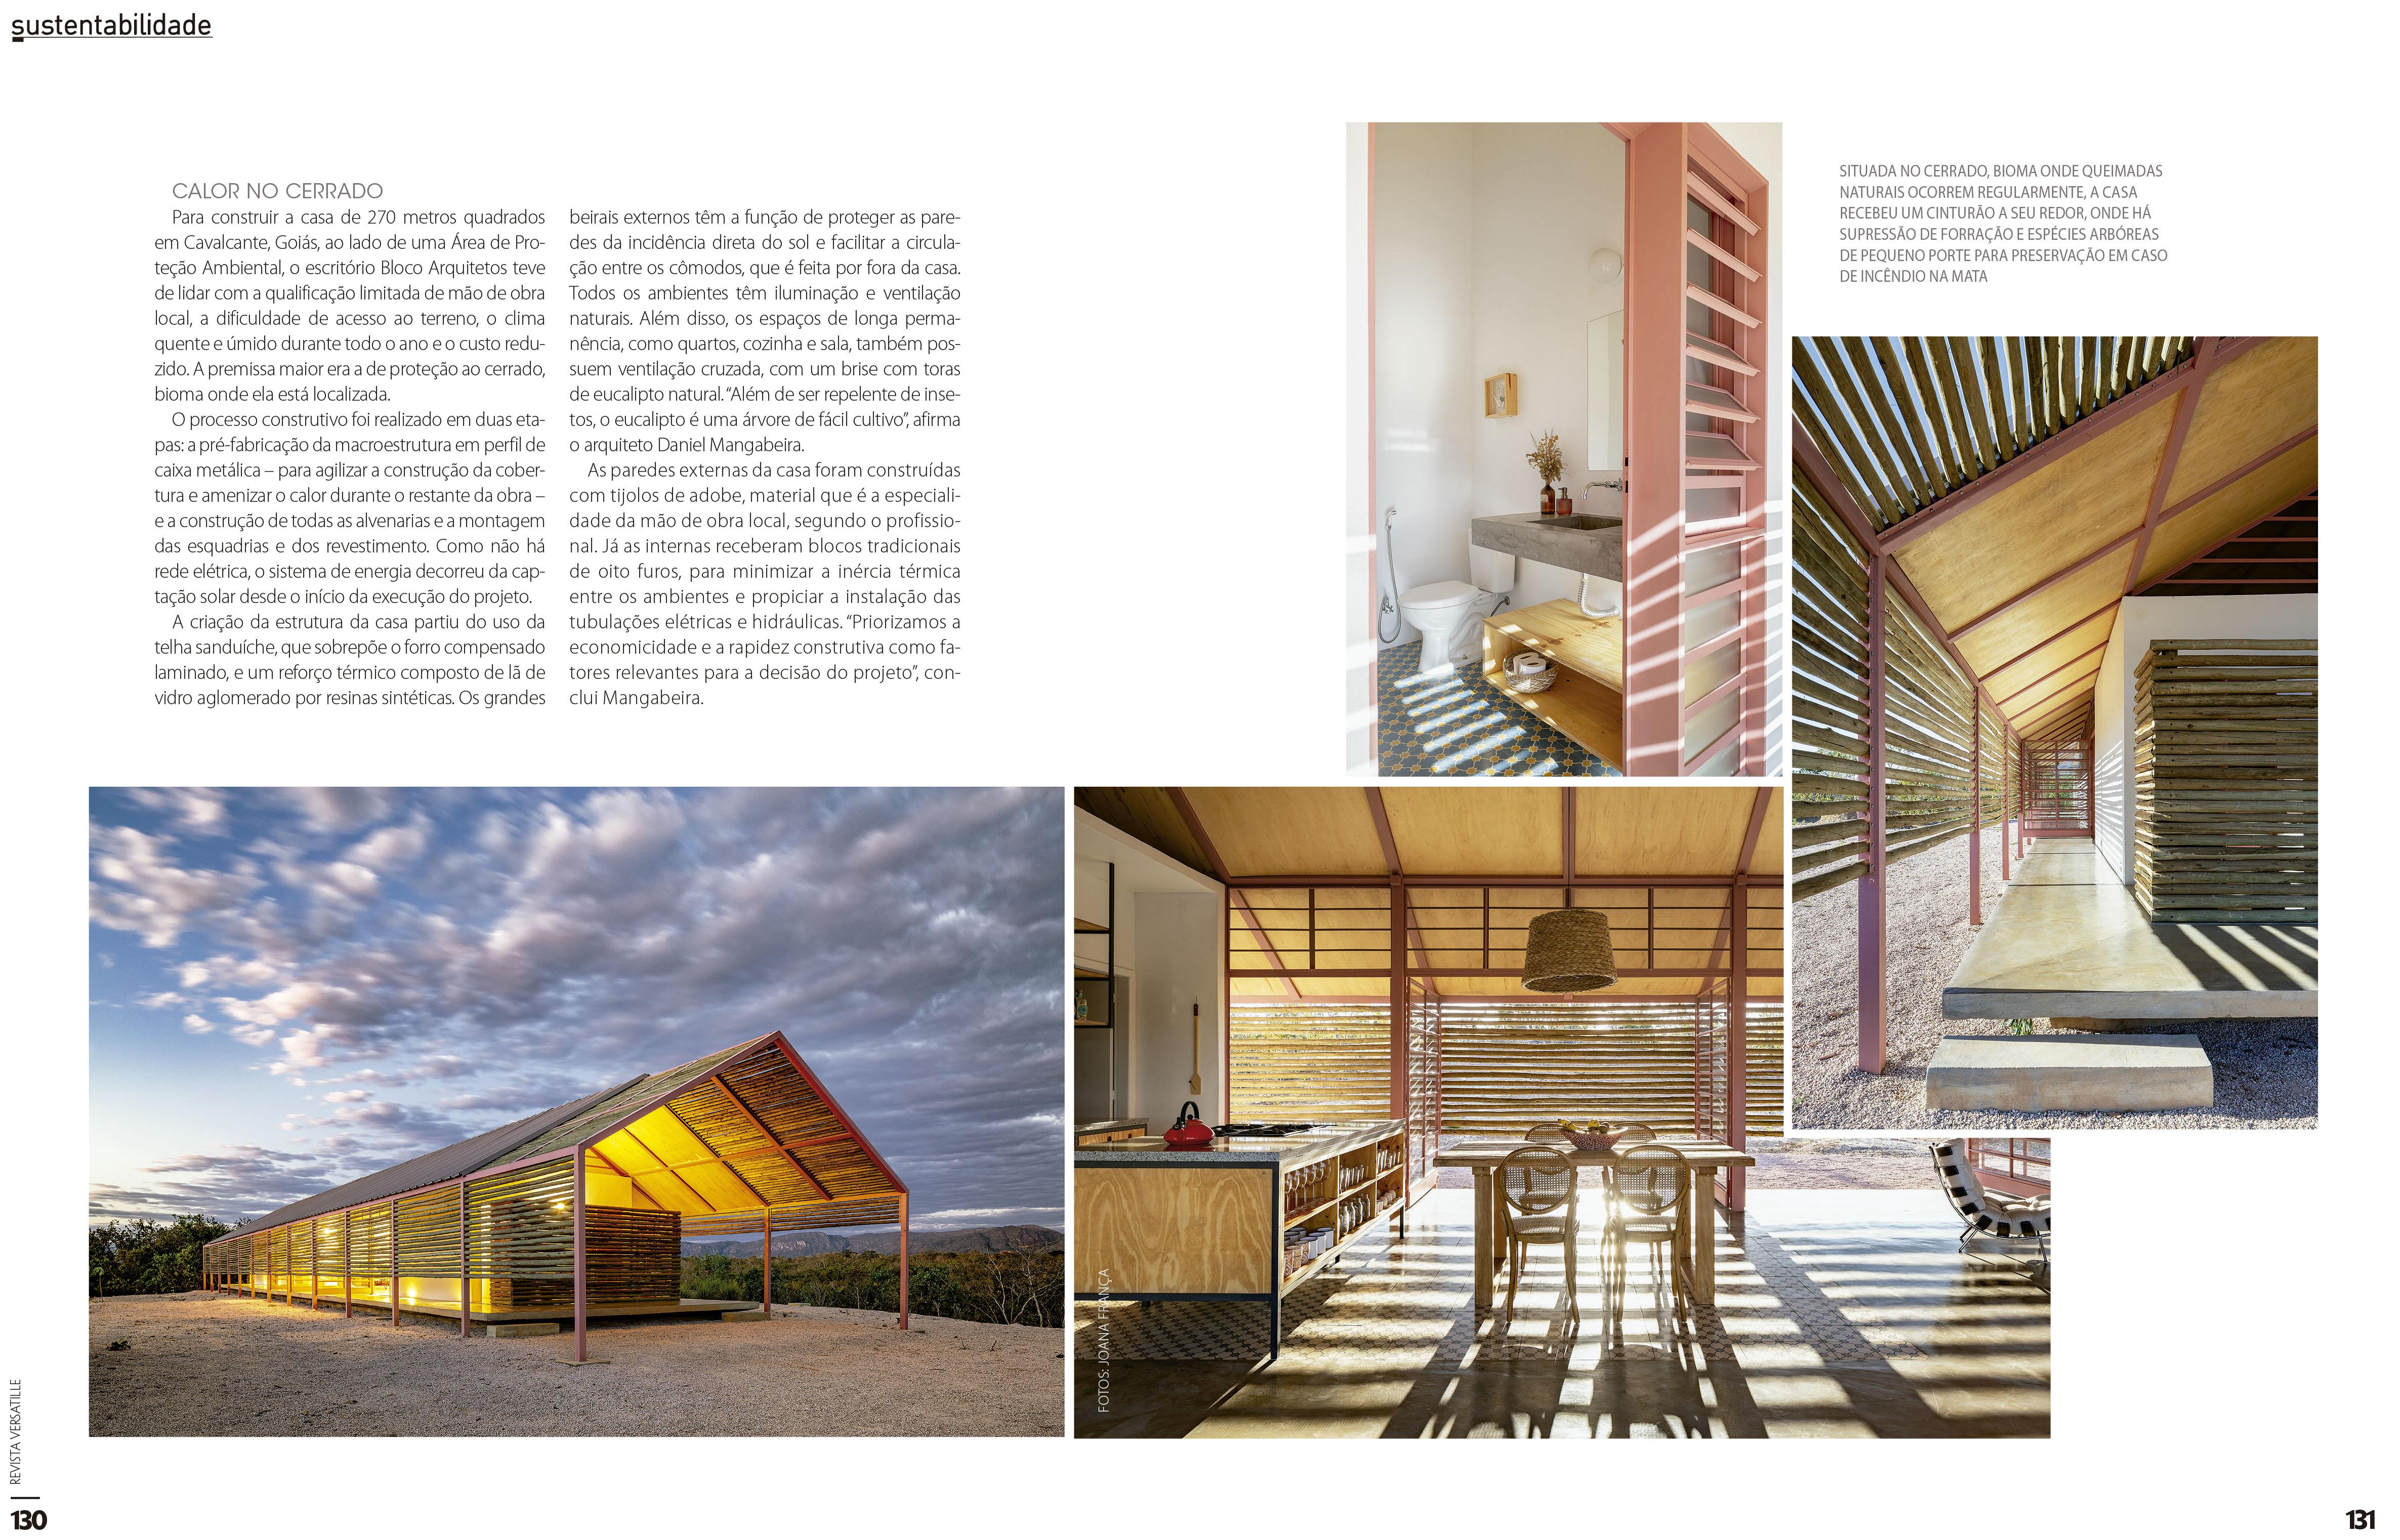 126_ED118_Arquitetura sustentavel-3